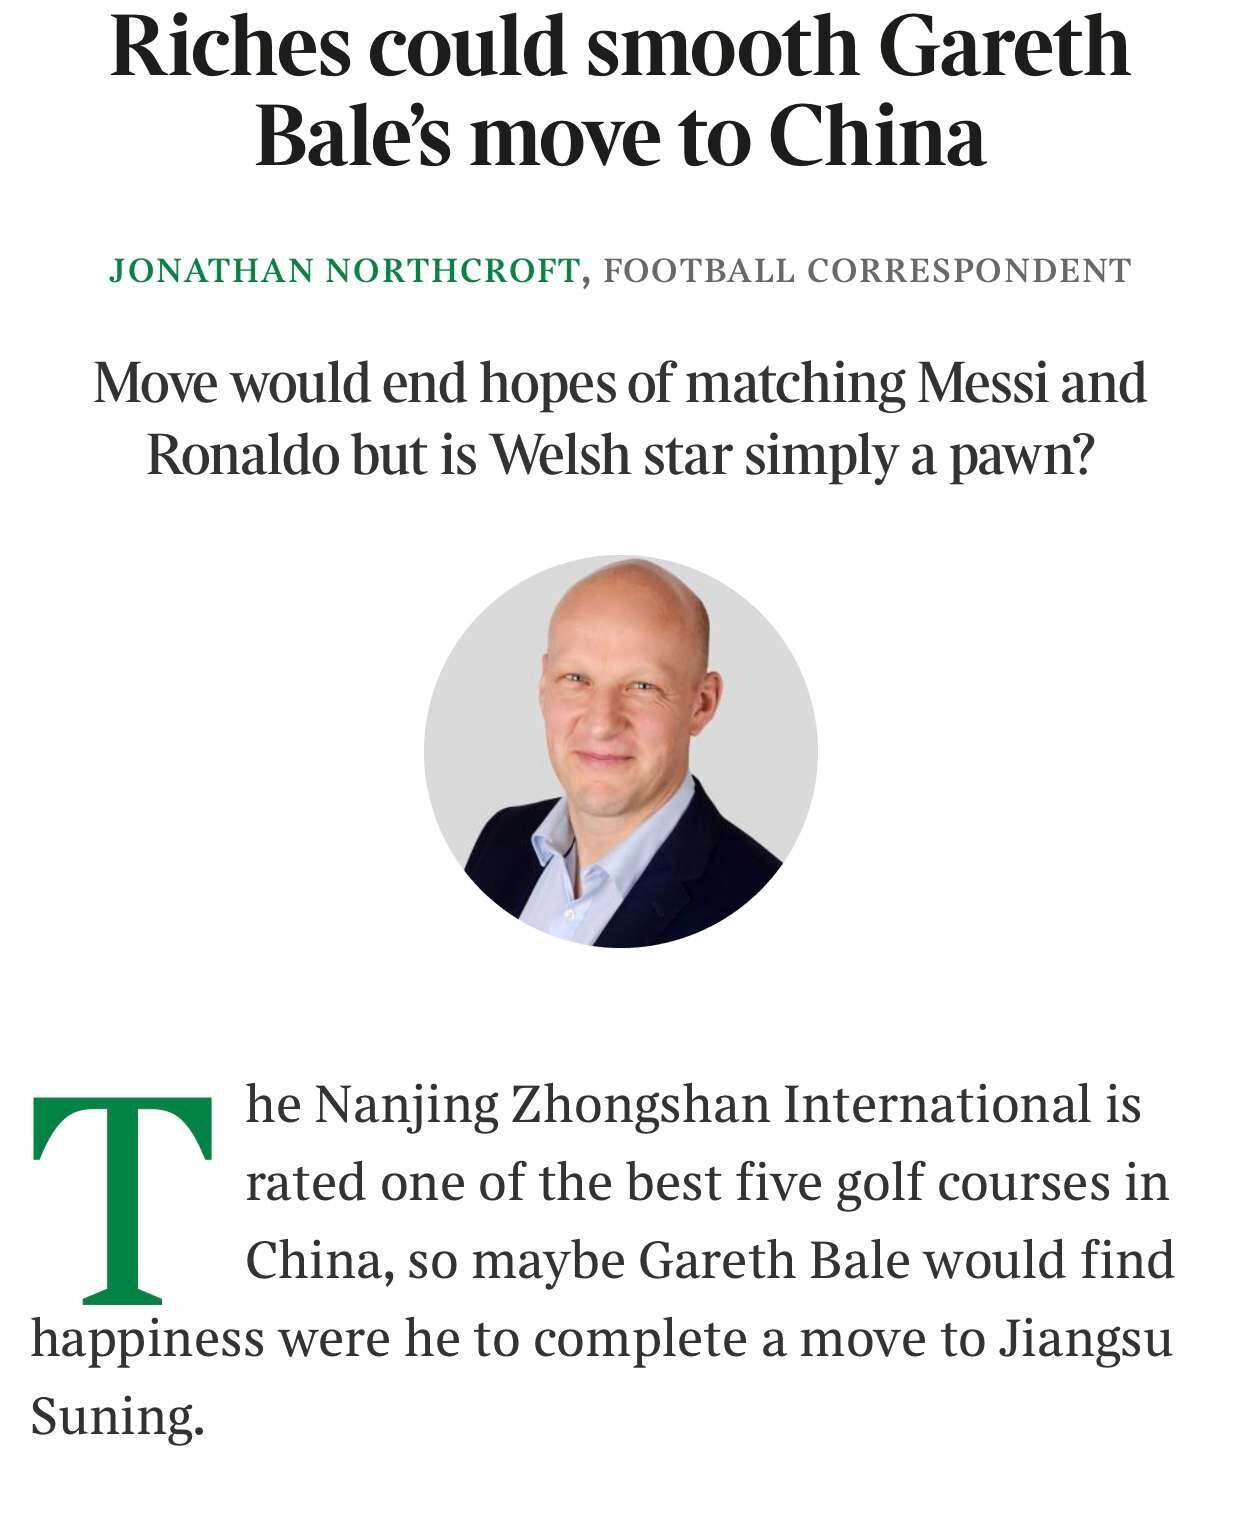 泰晤士报:贝尔去苏宁为打高尔夫 那有中国最顶级